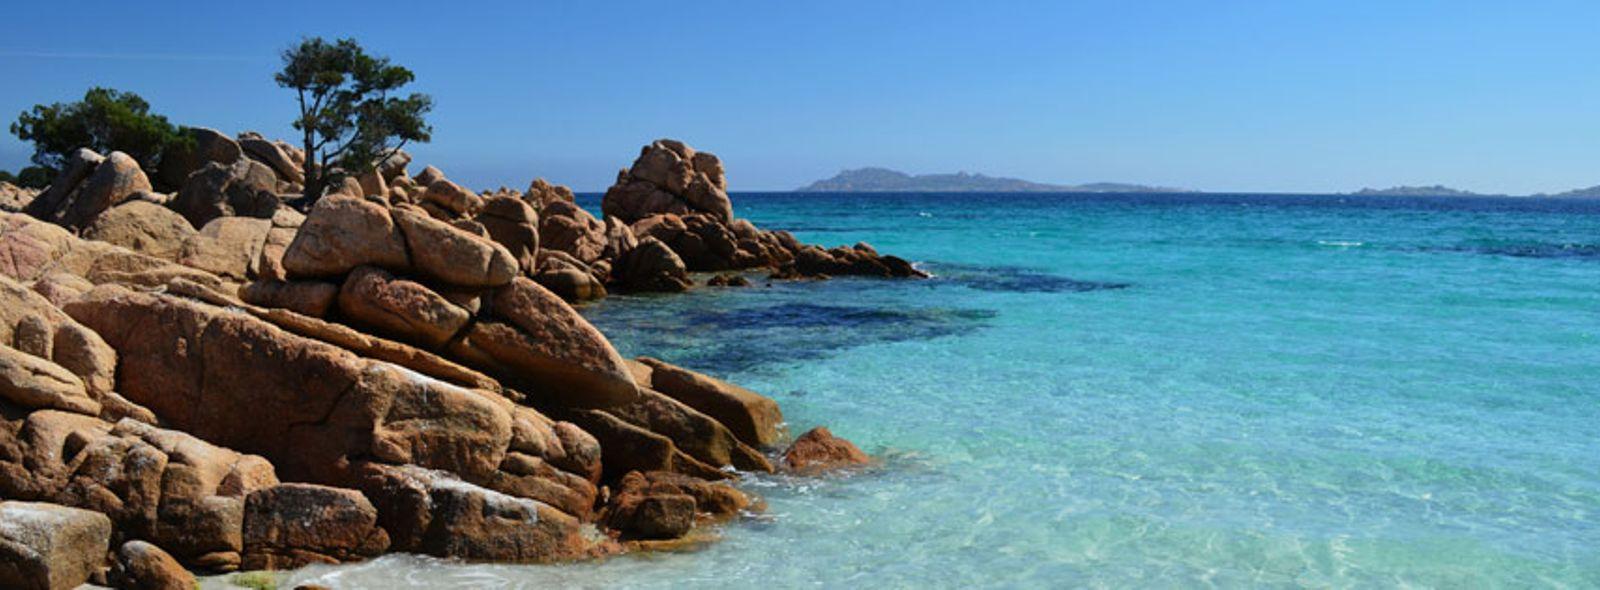 Le spiagge più belle della Costa Smeralda